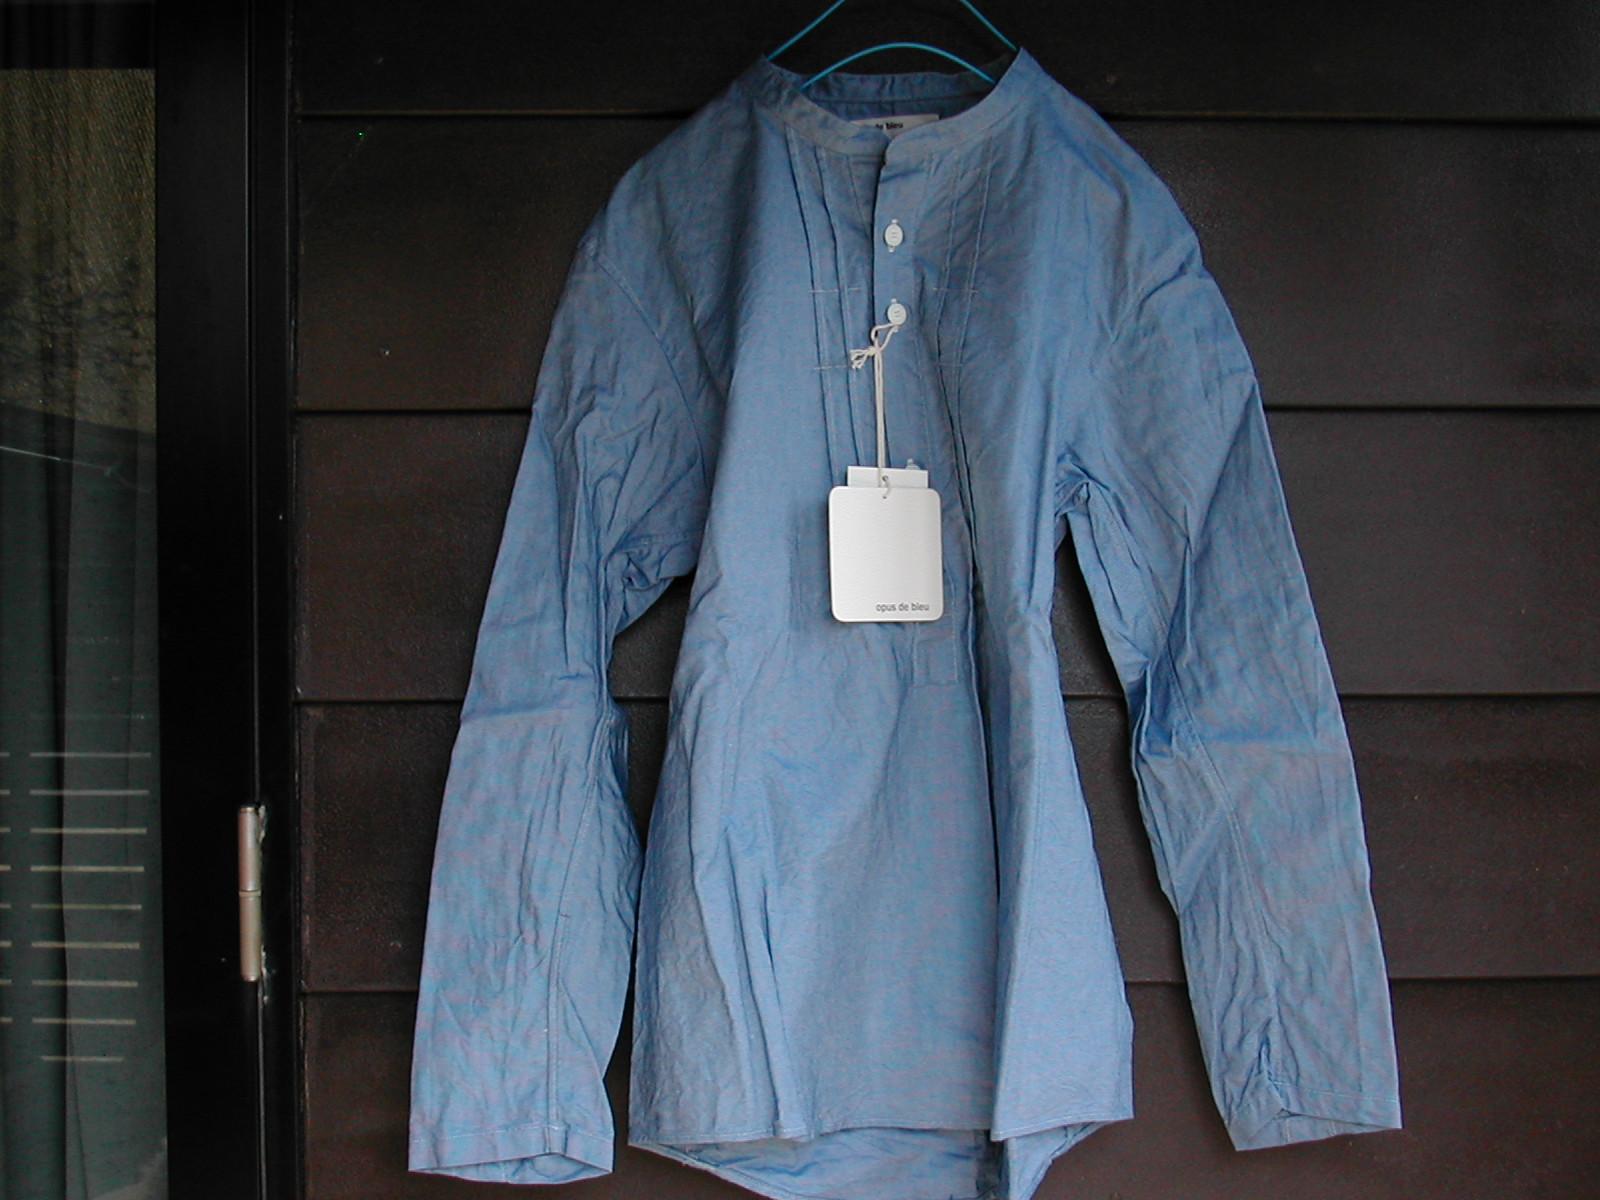 opus de bleu のシャツ_e0315178_17165537.jpg